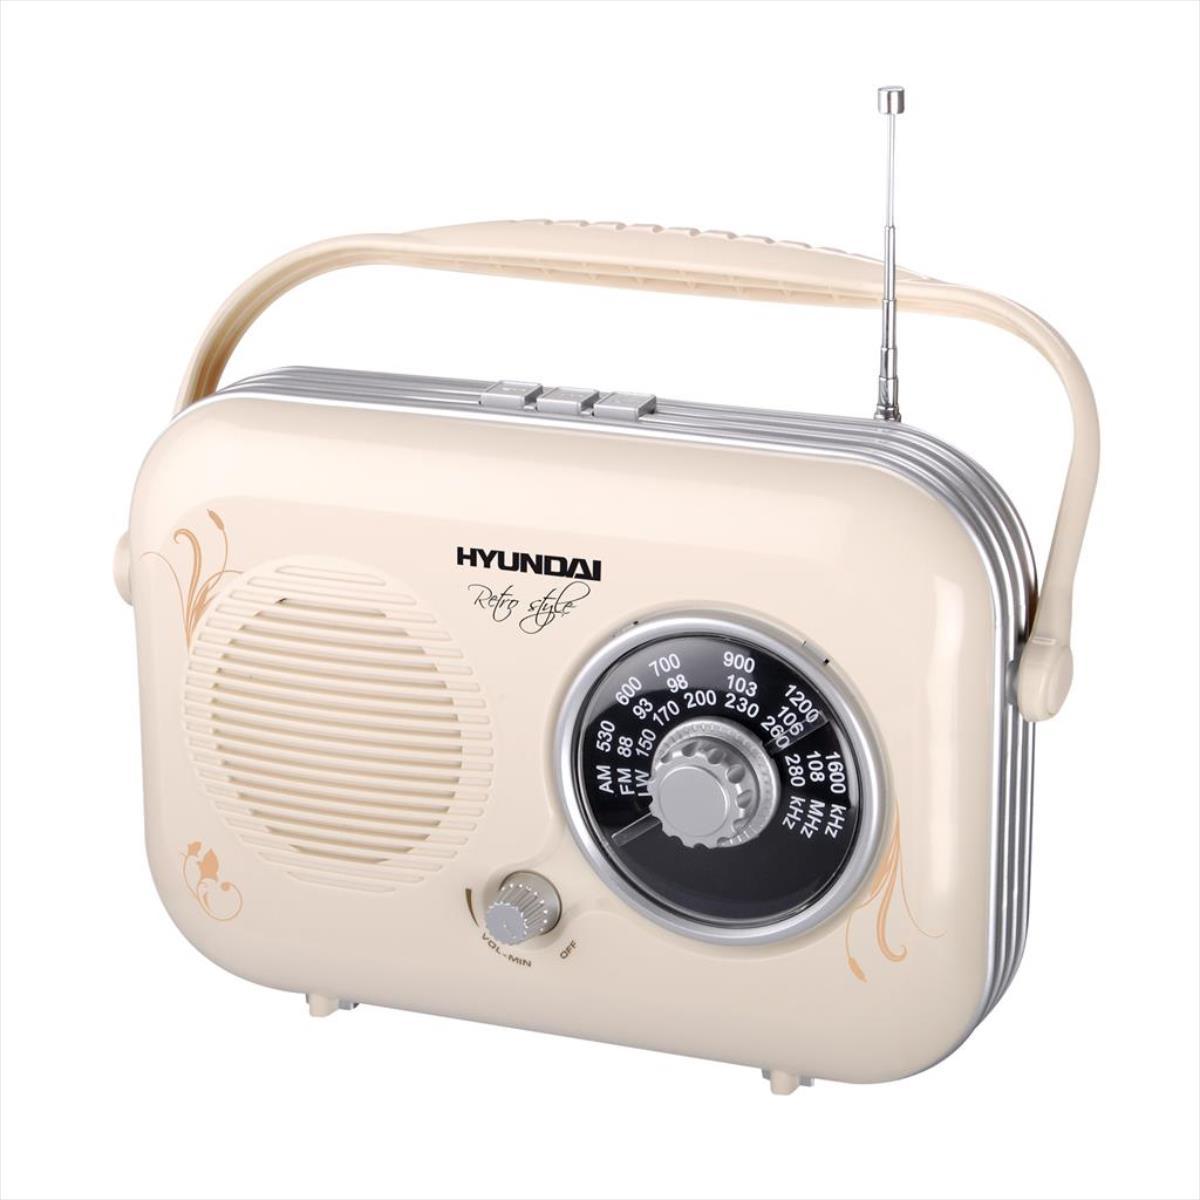 Hyundai PR100B radio, radiopulksteņi